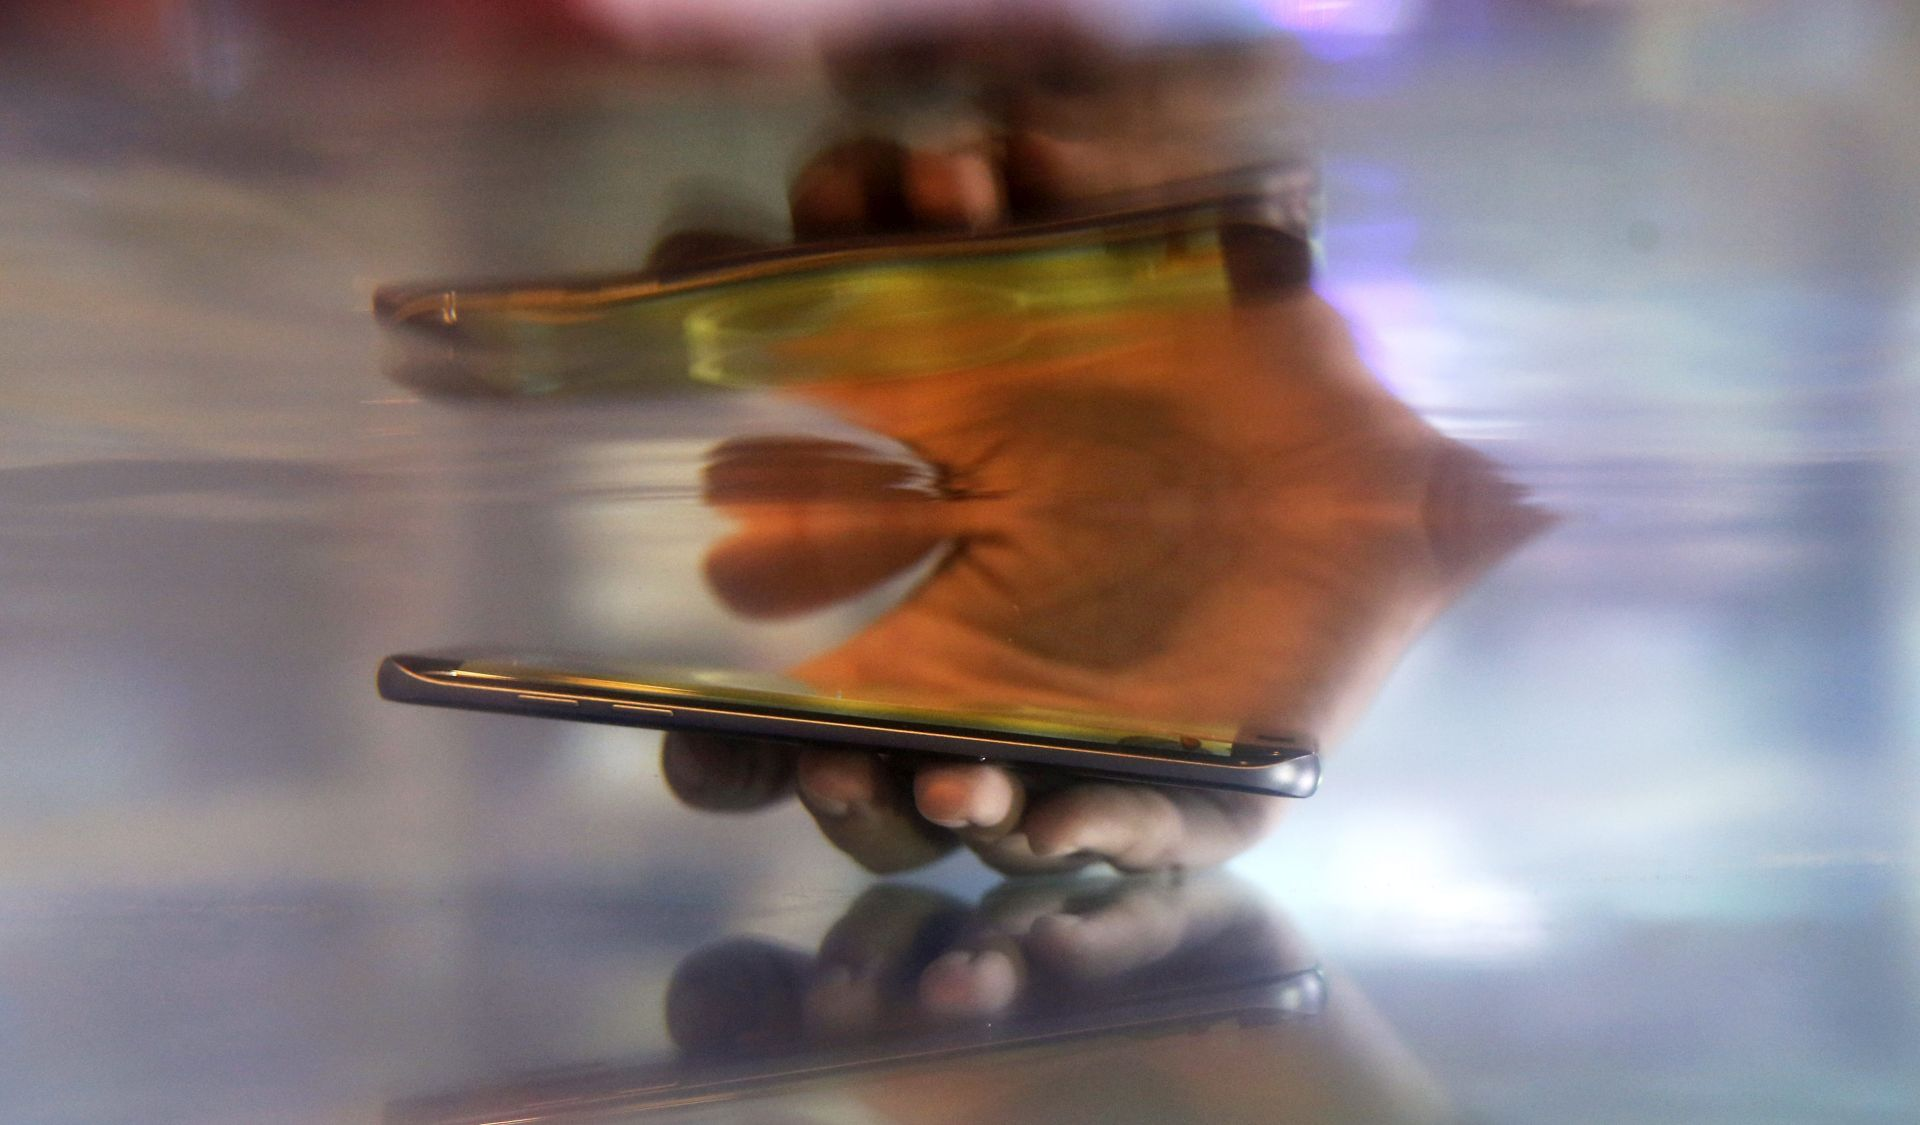 Britanski učenici ističu kako im roditelji previše koriste mobitele